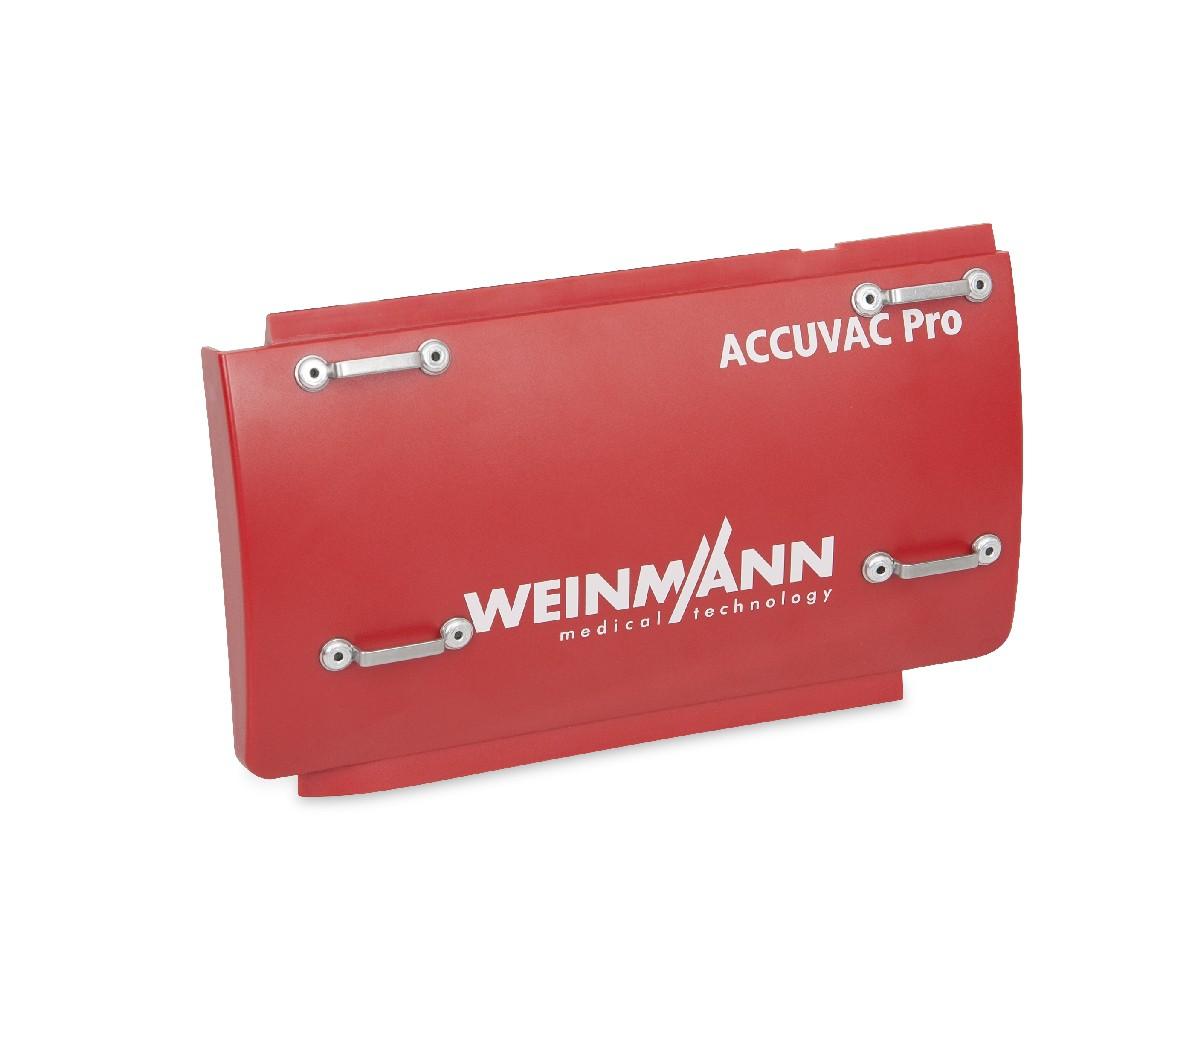 Akkufachabdeckung für Zubehörtasche, ACCUVAC Pro